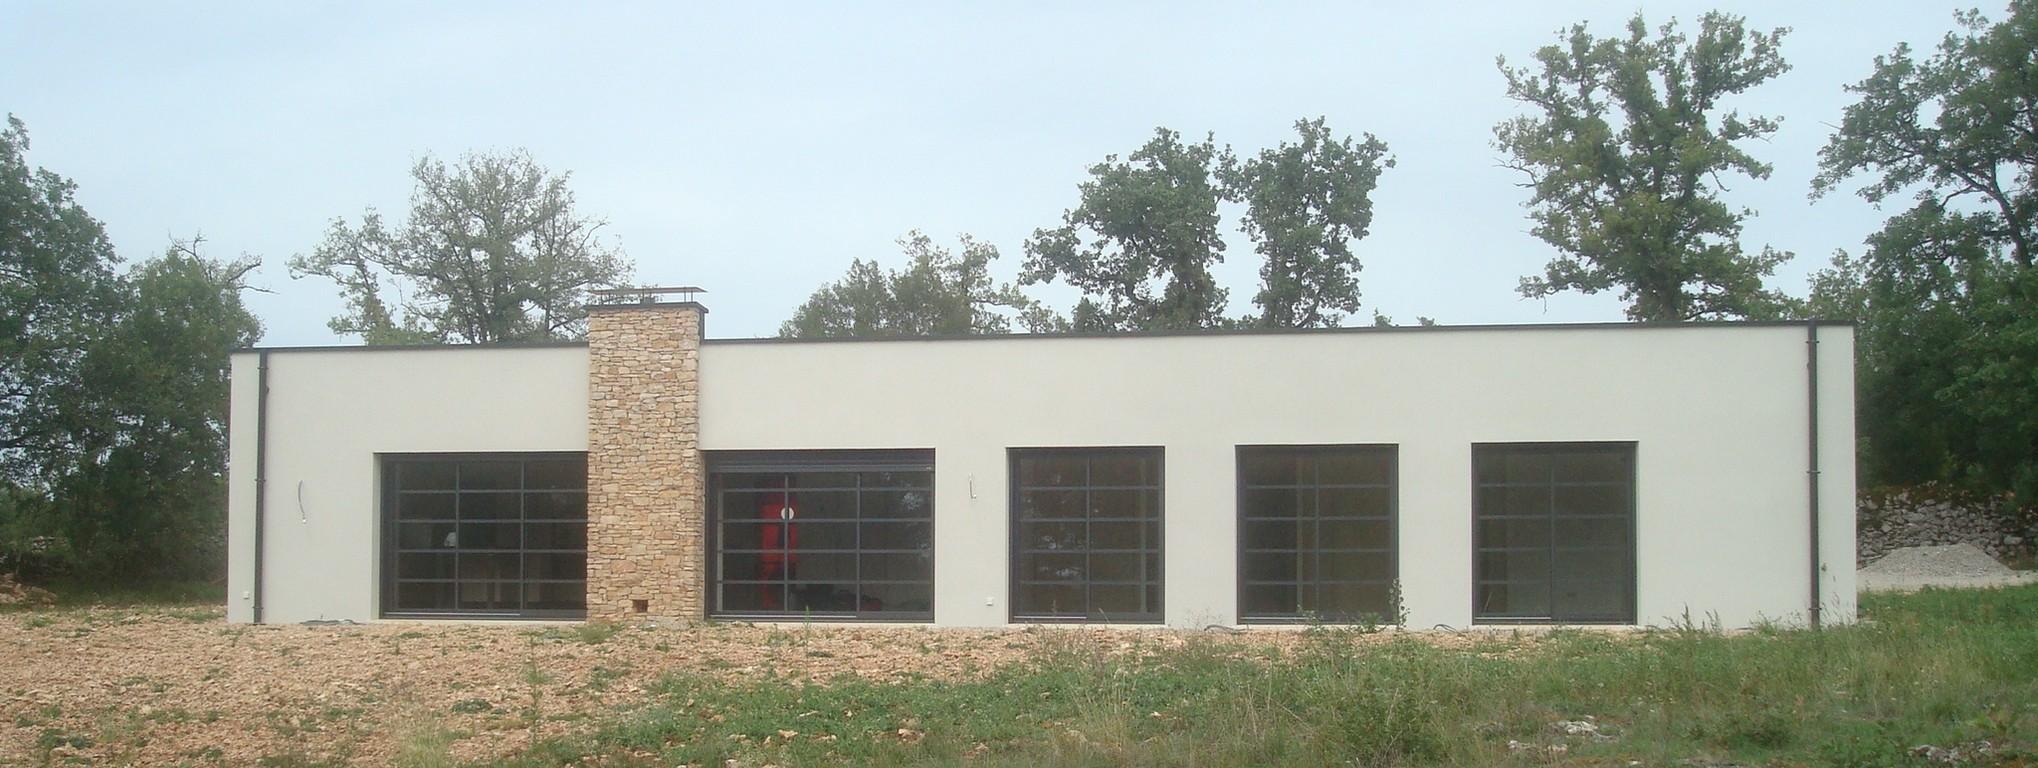 Test d'infiltrométrie réalisé sur une maison à Reyrevignes dans le Lot.